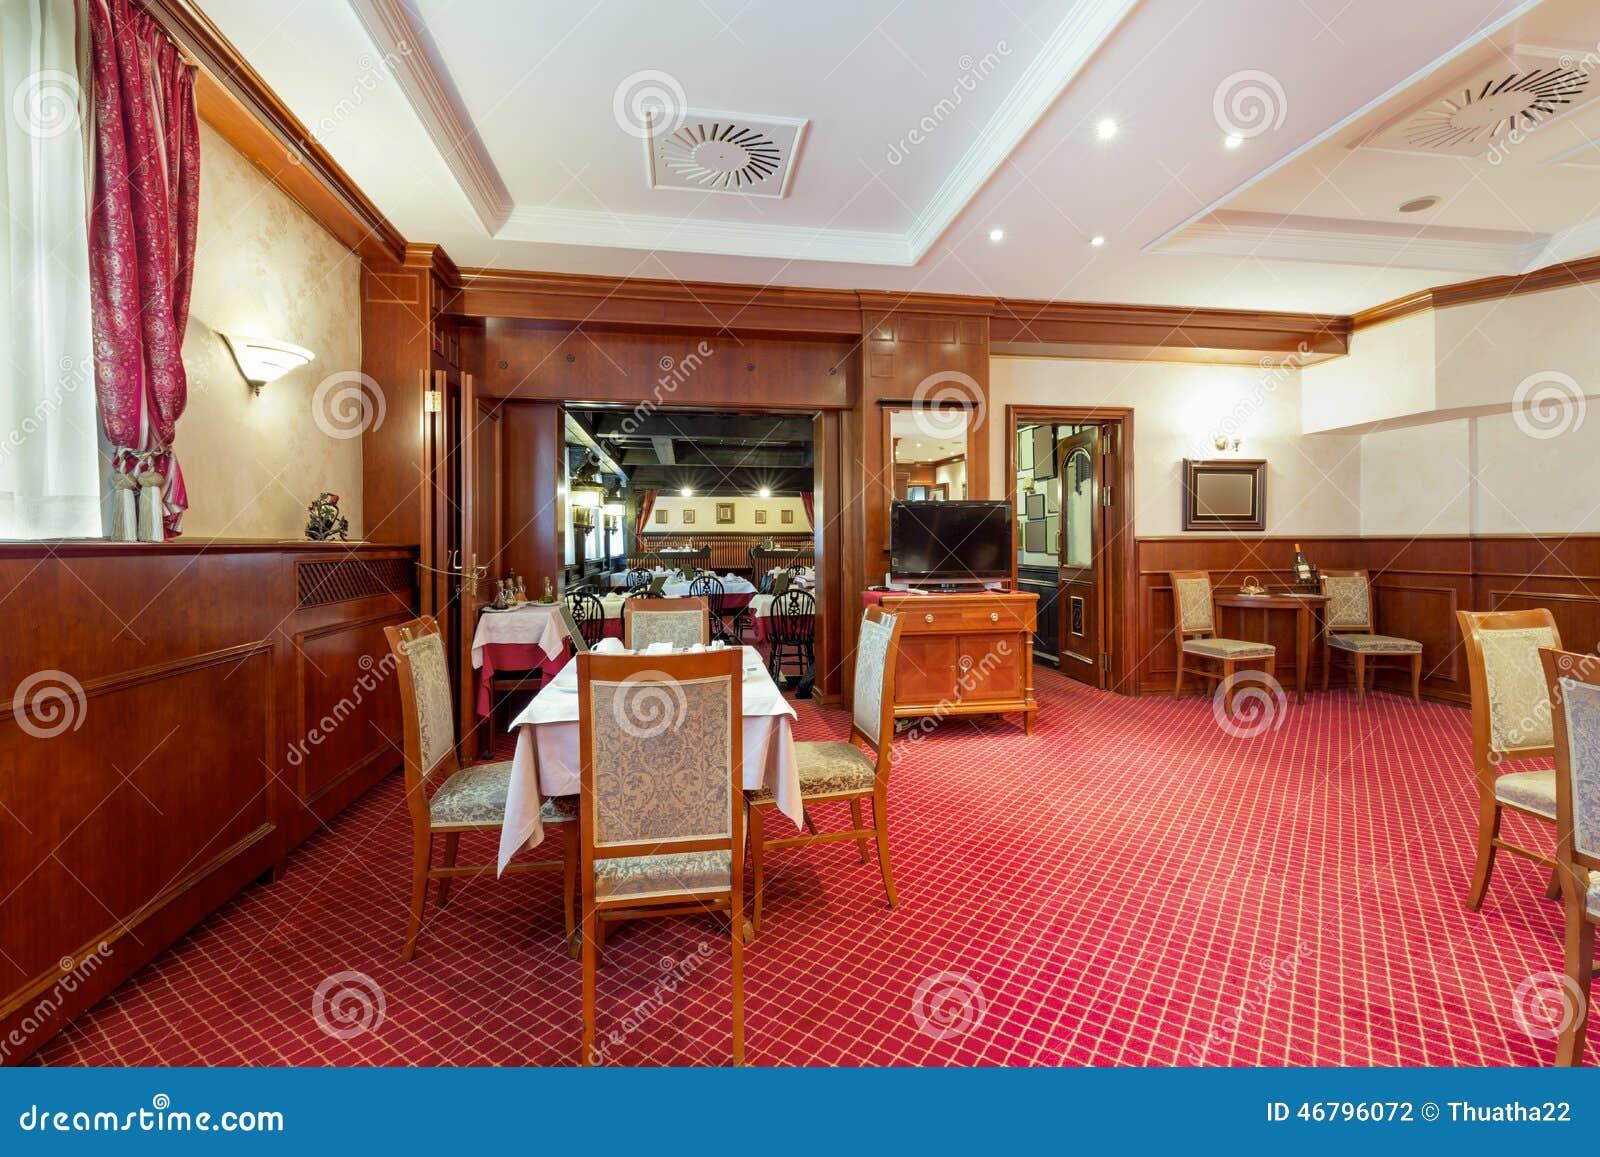 Int rieur d 39 un restaurant d 39 h tel photo stock image for Hotel interieur